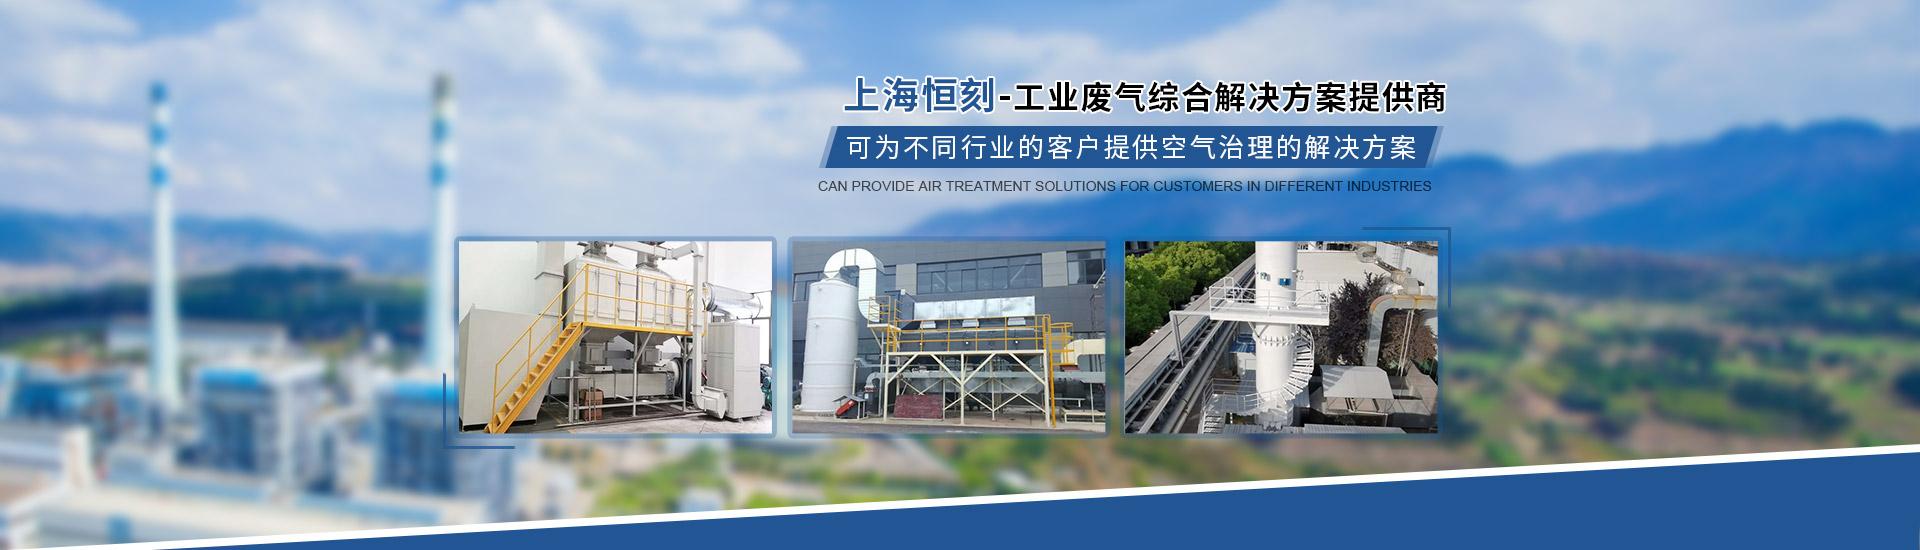 上海飞速直播录像环保工程有限公司